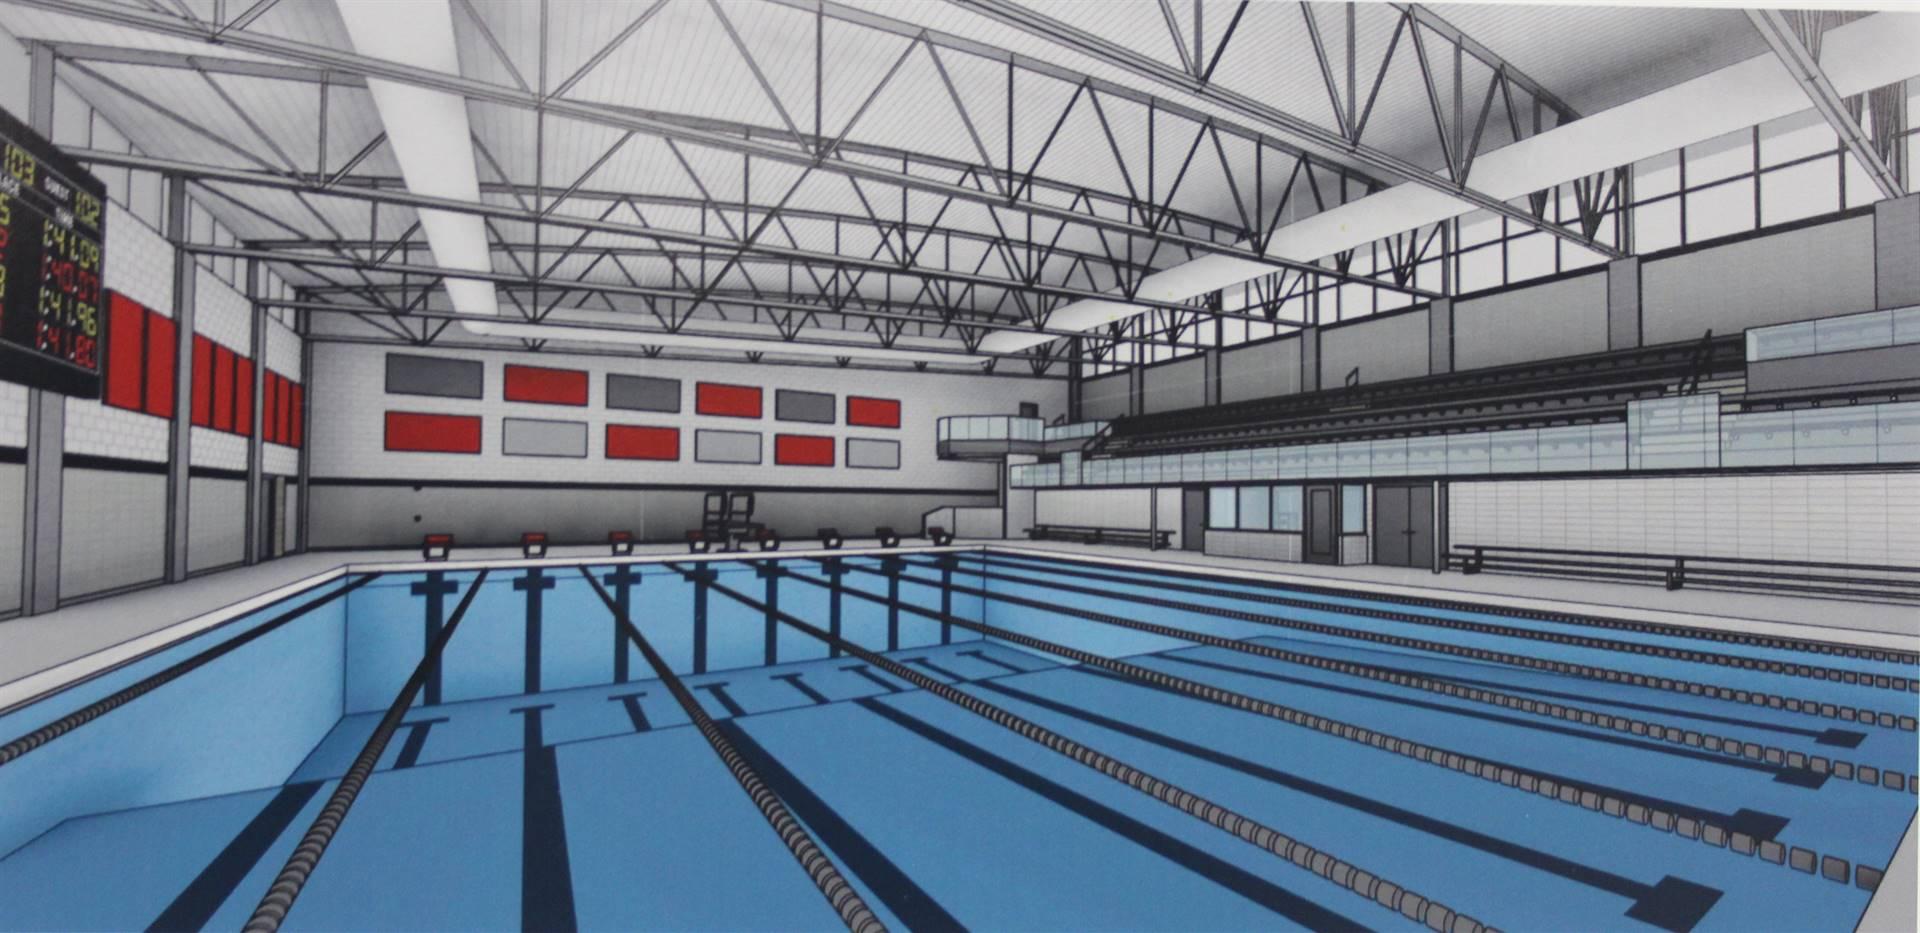 Rendering of the natatorium